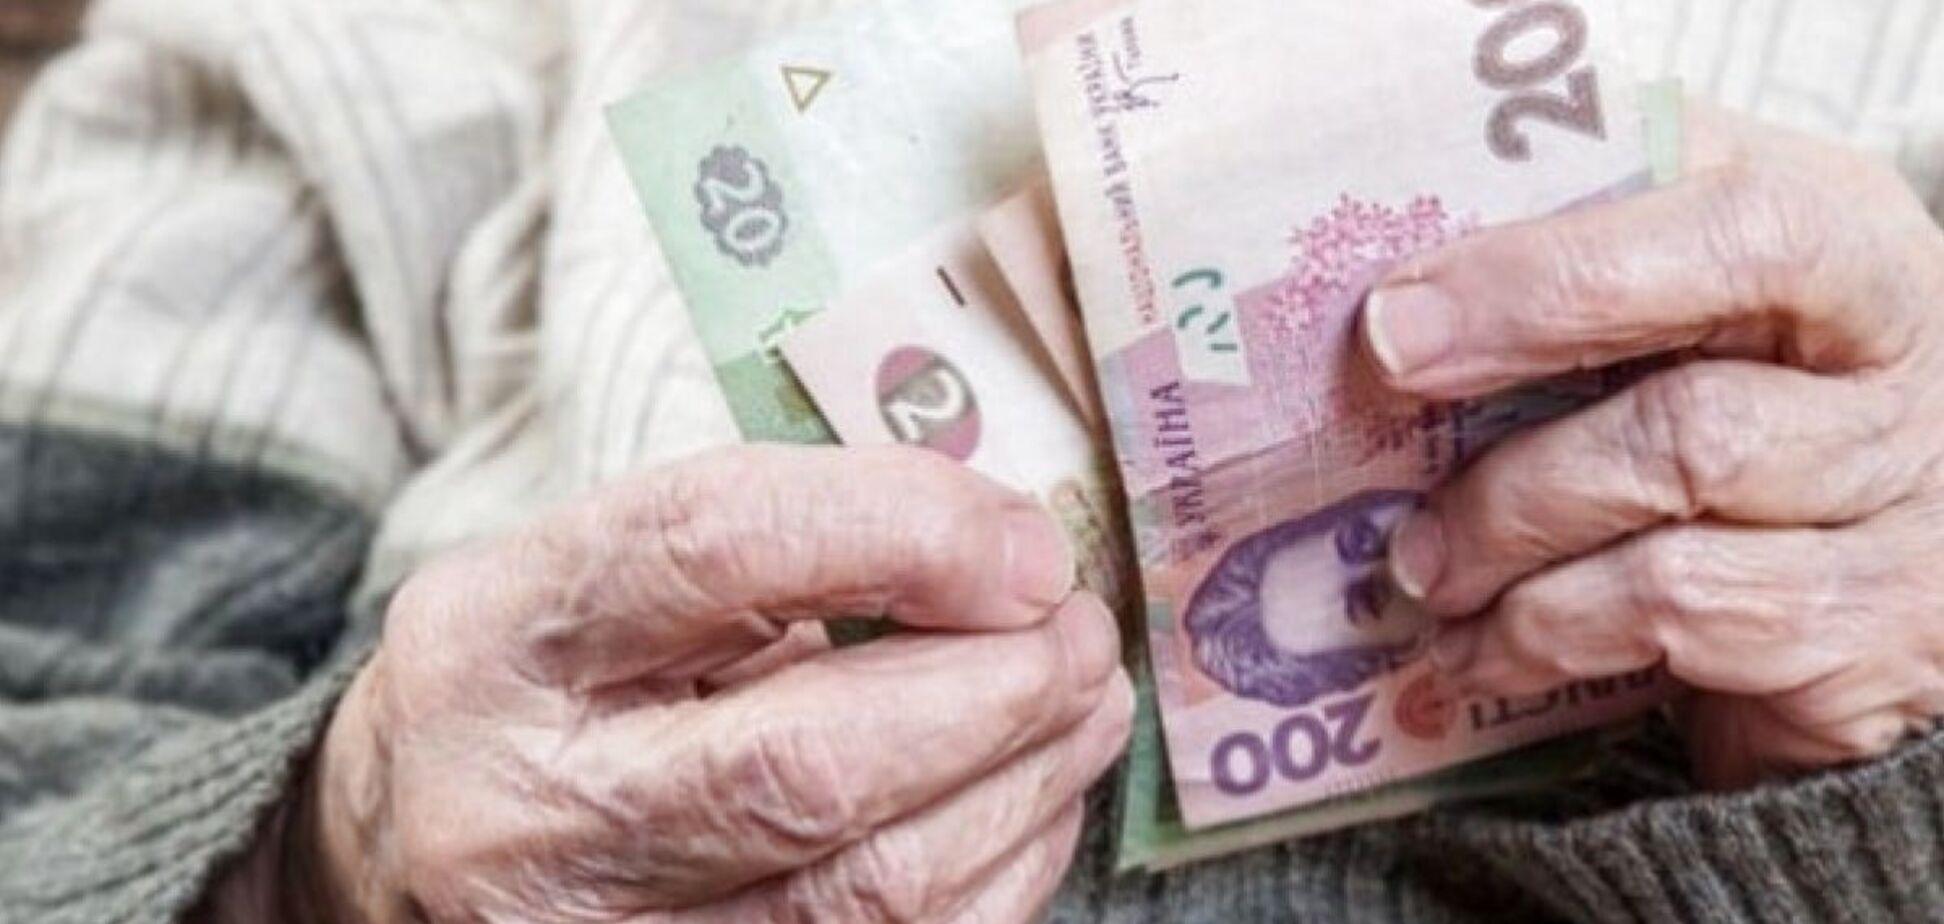 Полиция Днепропетровщины разыскивает серийного мошенника. Фото